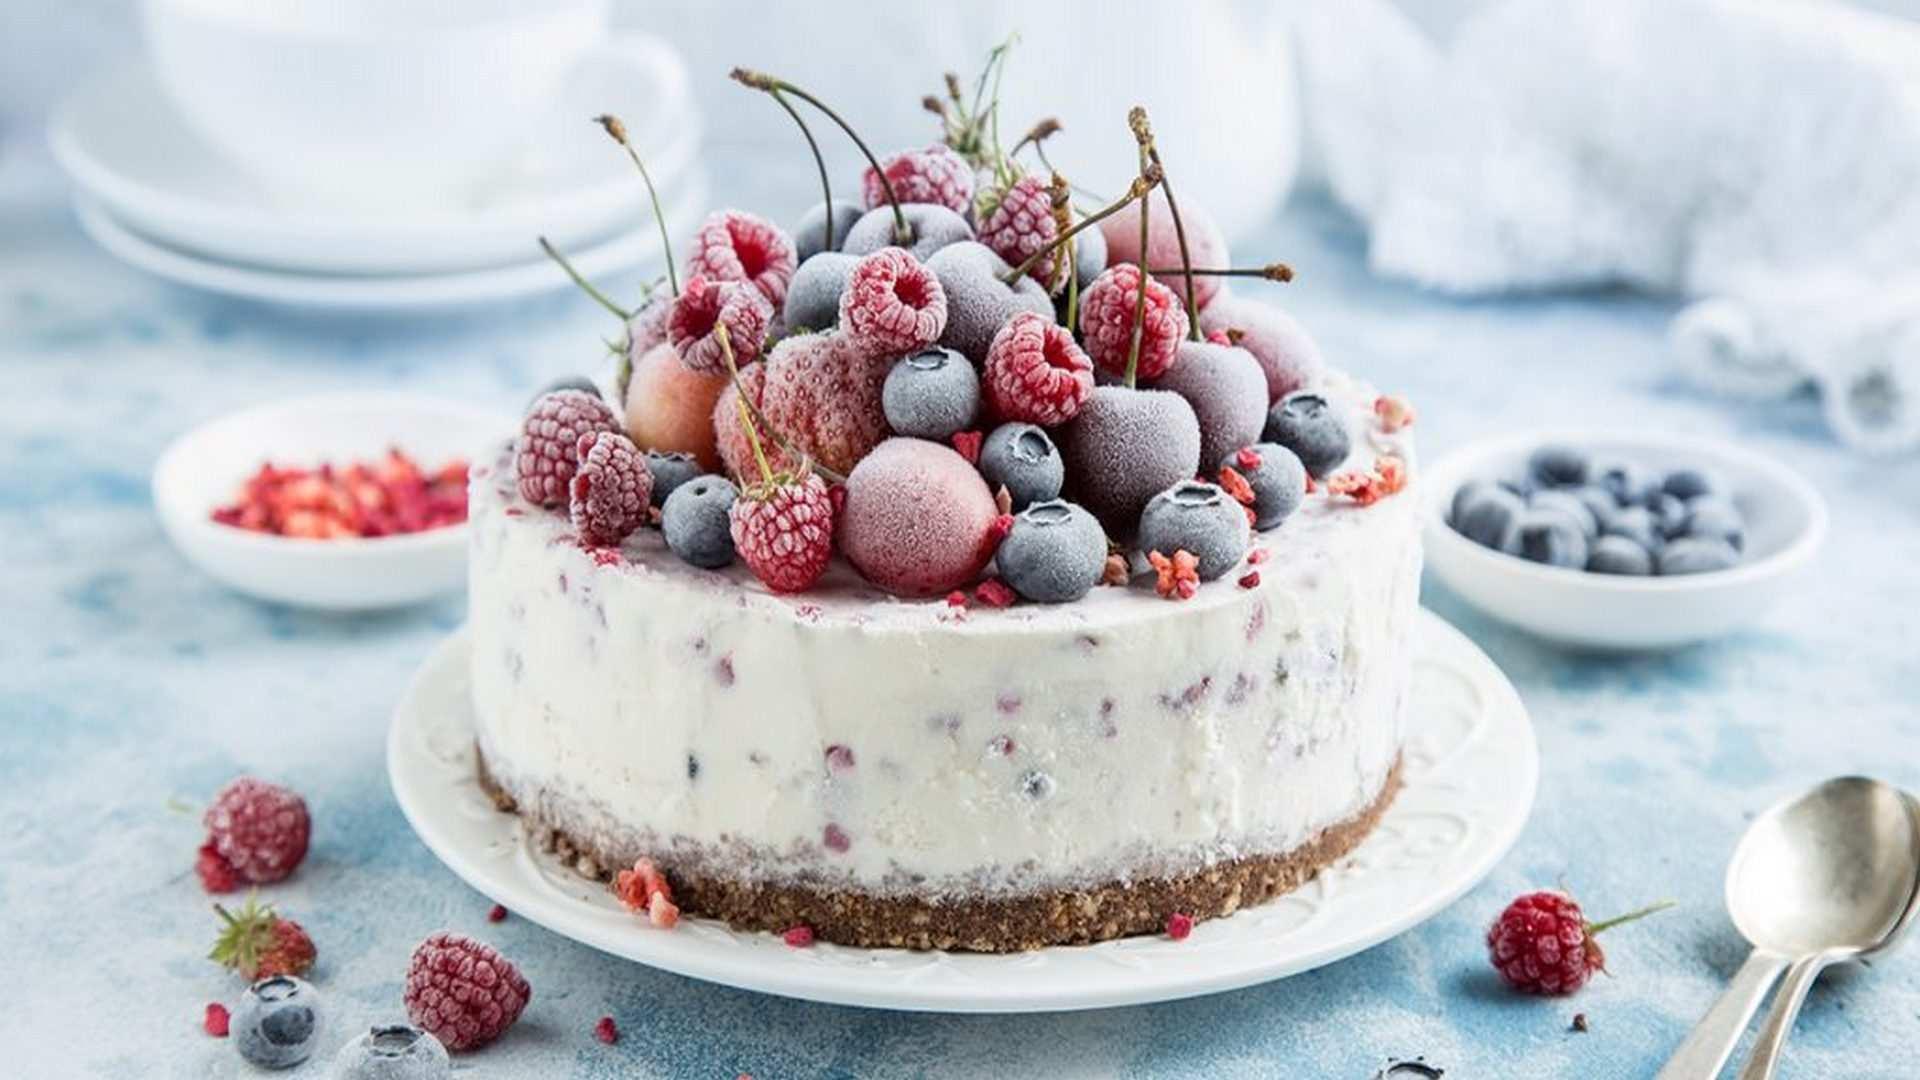 Receta de Pastel de Yogur y Vainilla